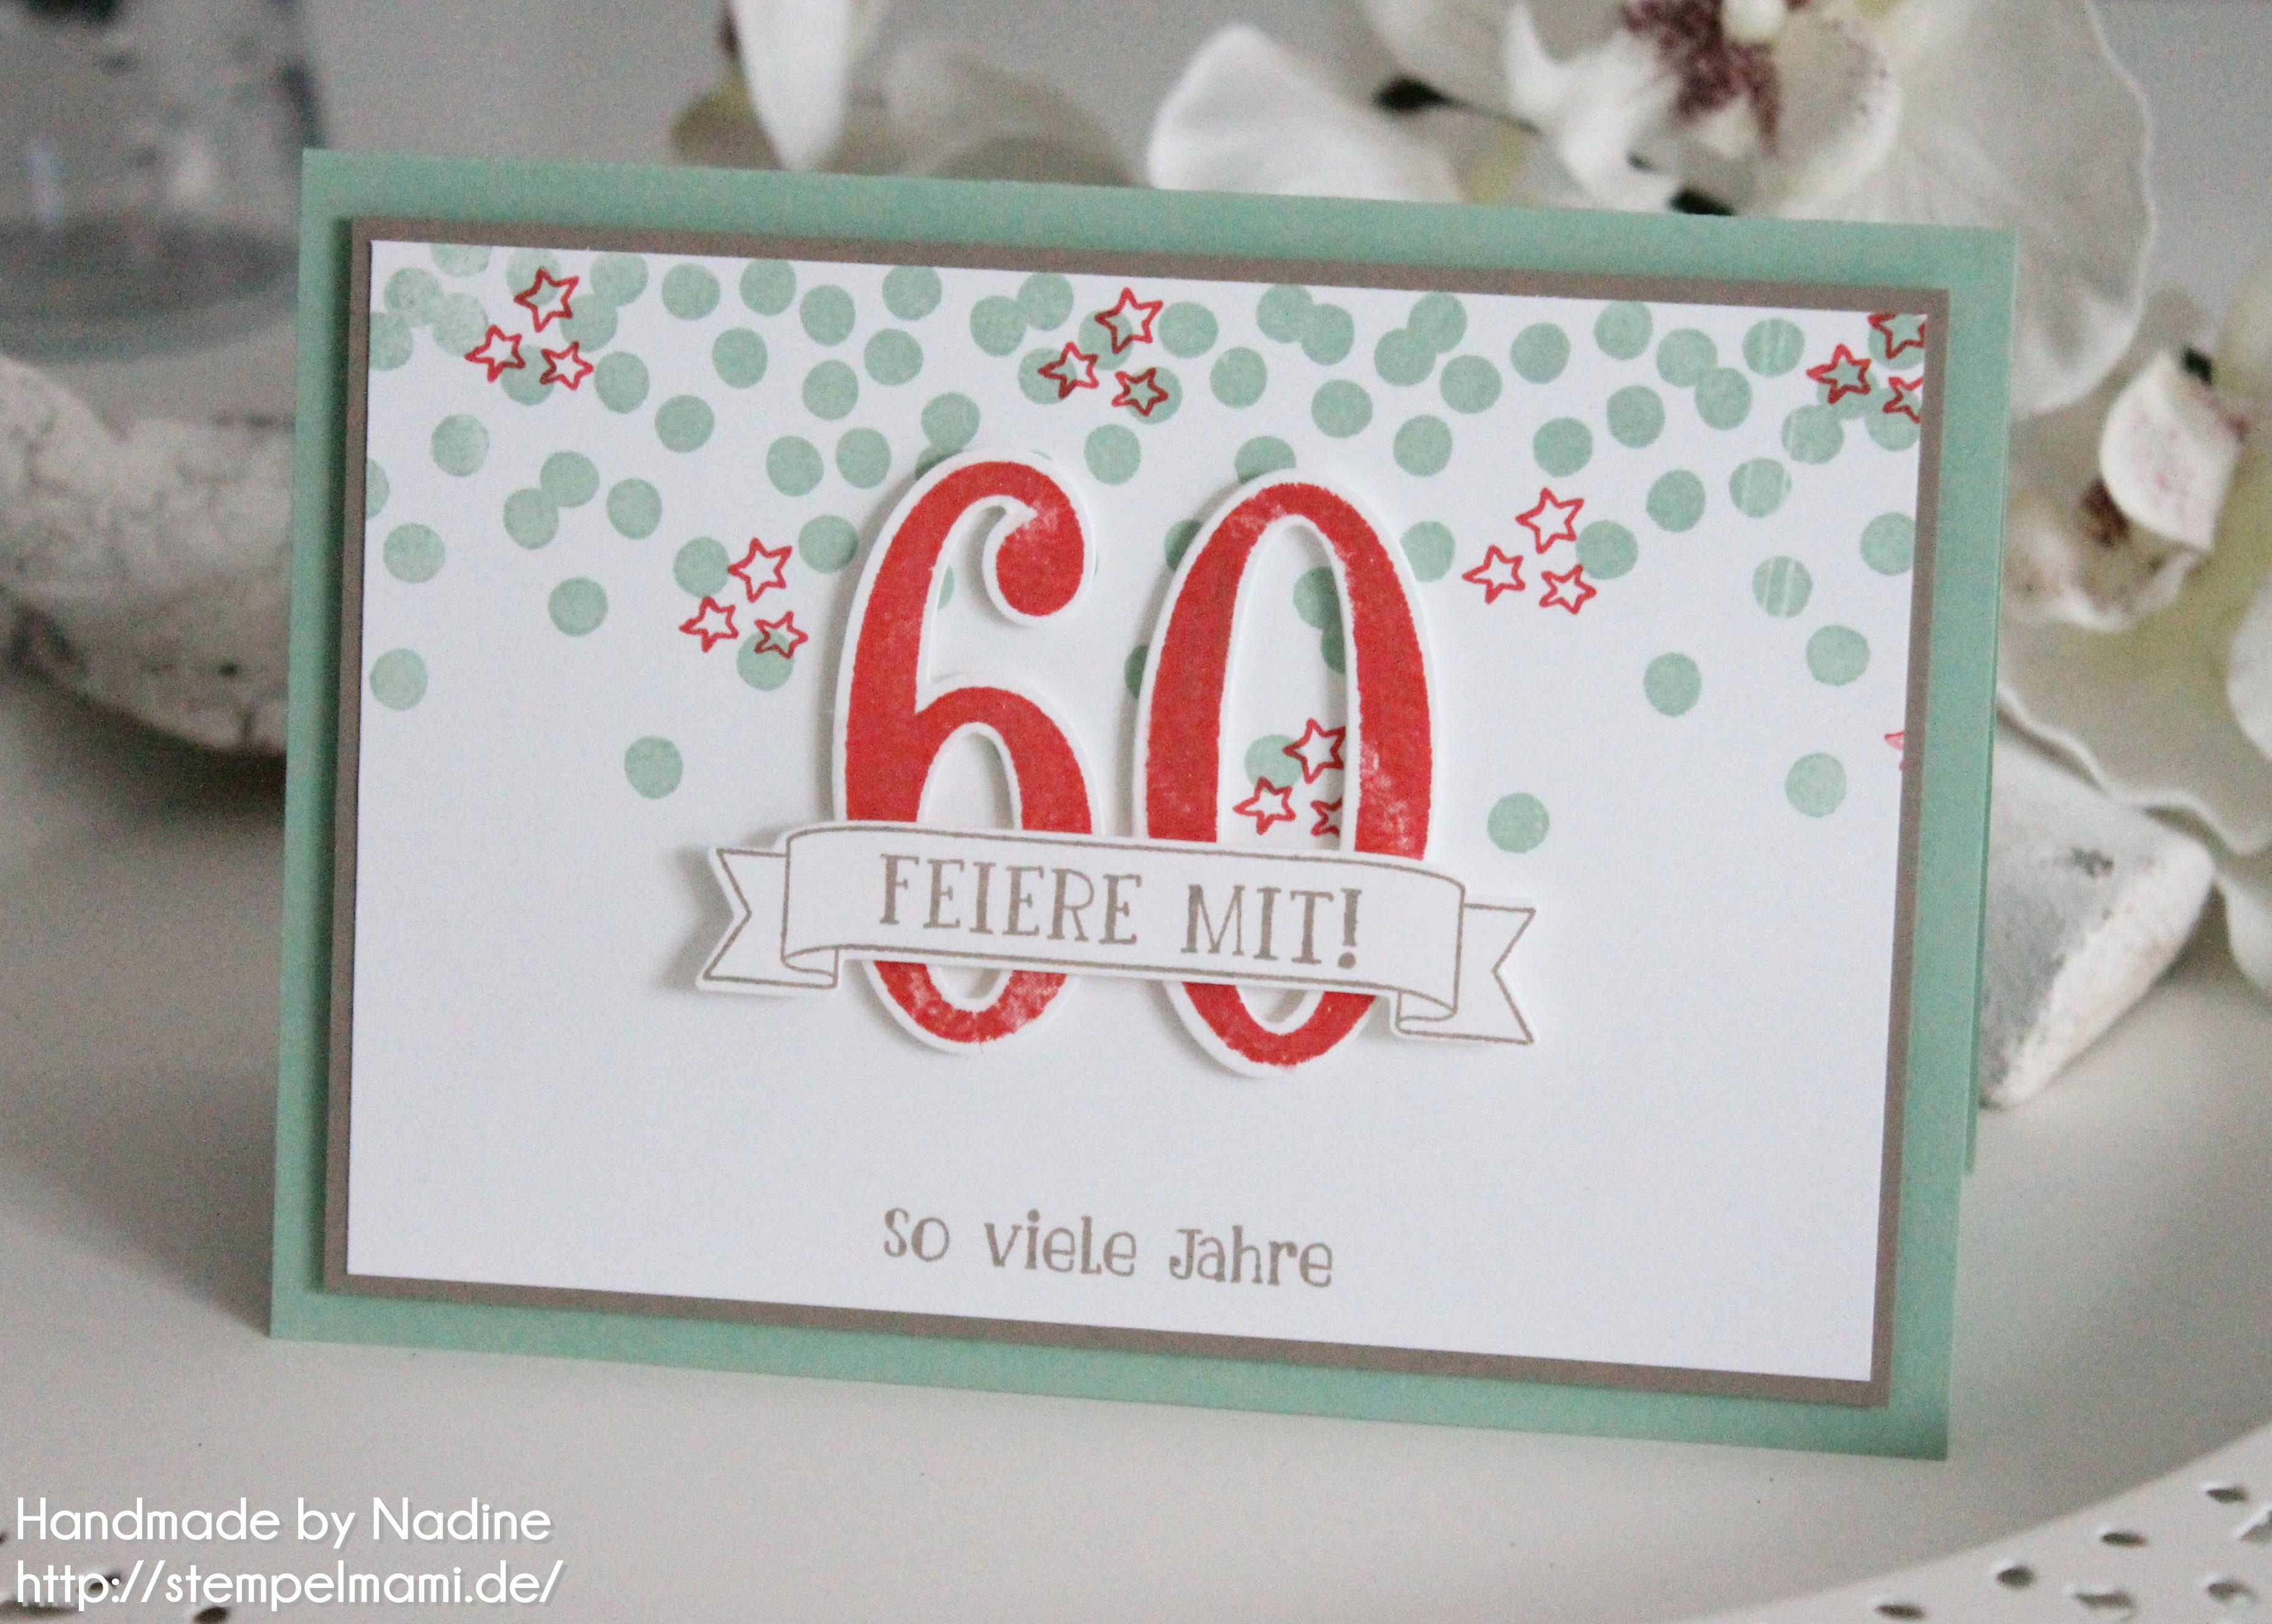 einladung geburtstag : einladung 60 geburtstag - geburstag, Einladung